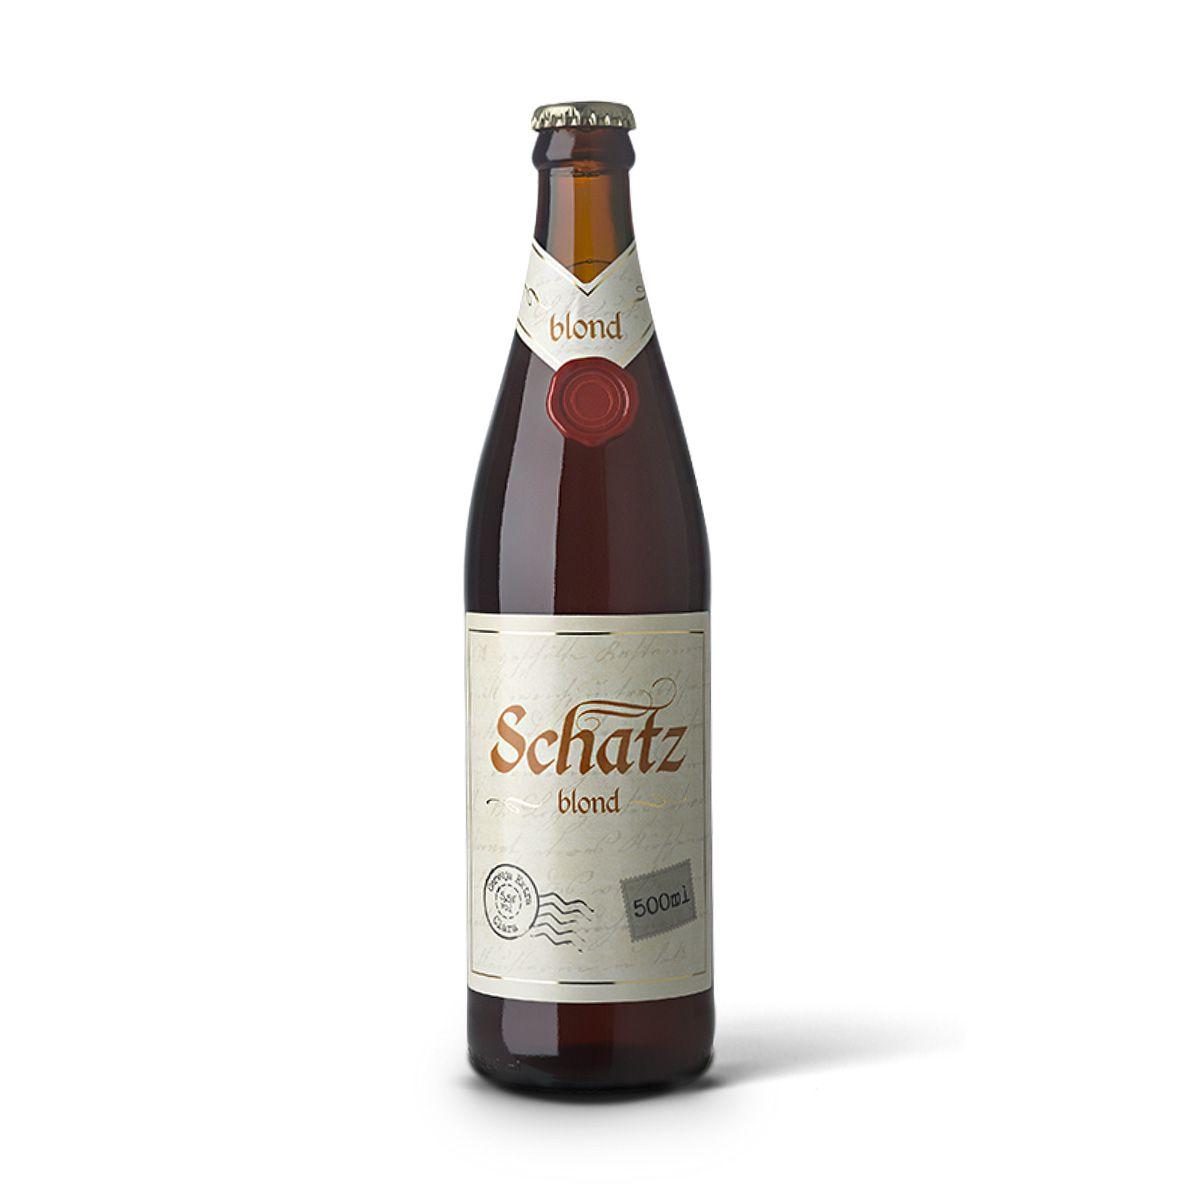 Schatz Blond Ale 500ml